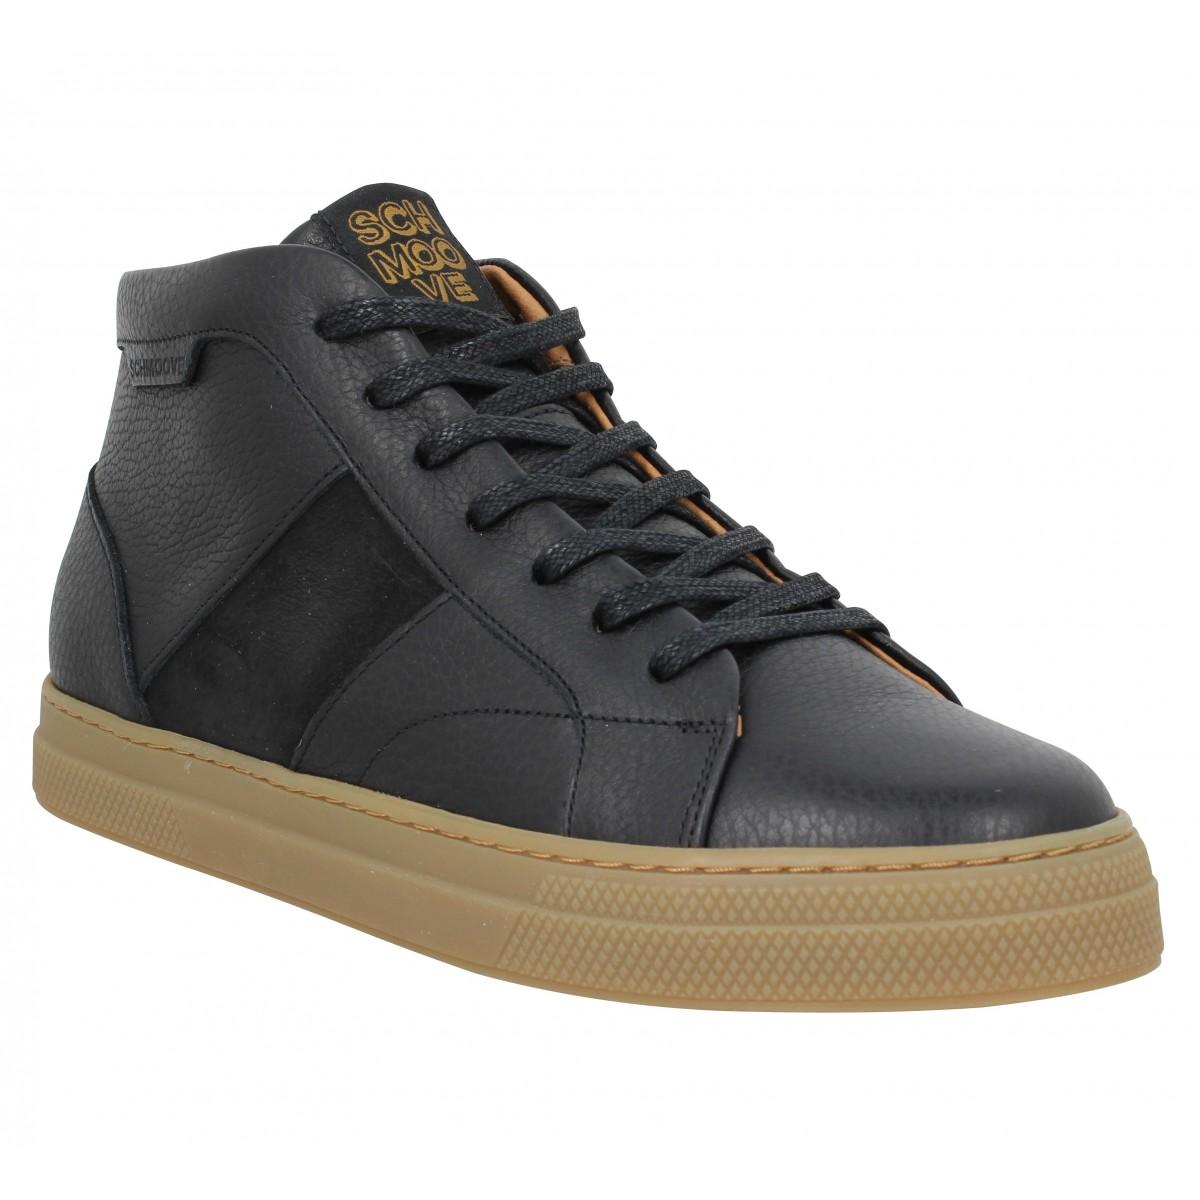 Baskets SCHMOOVE Spark Low Boots cuir velours Homme Noir